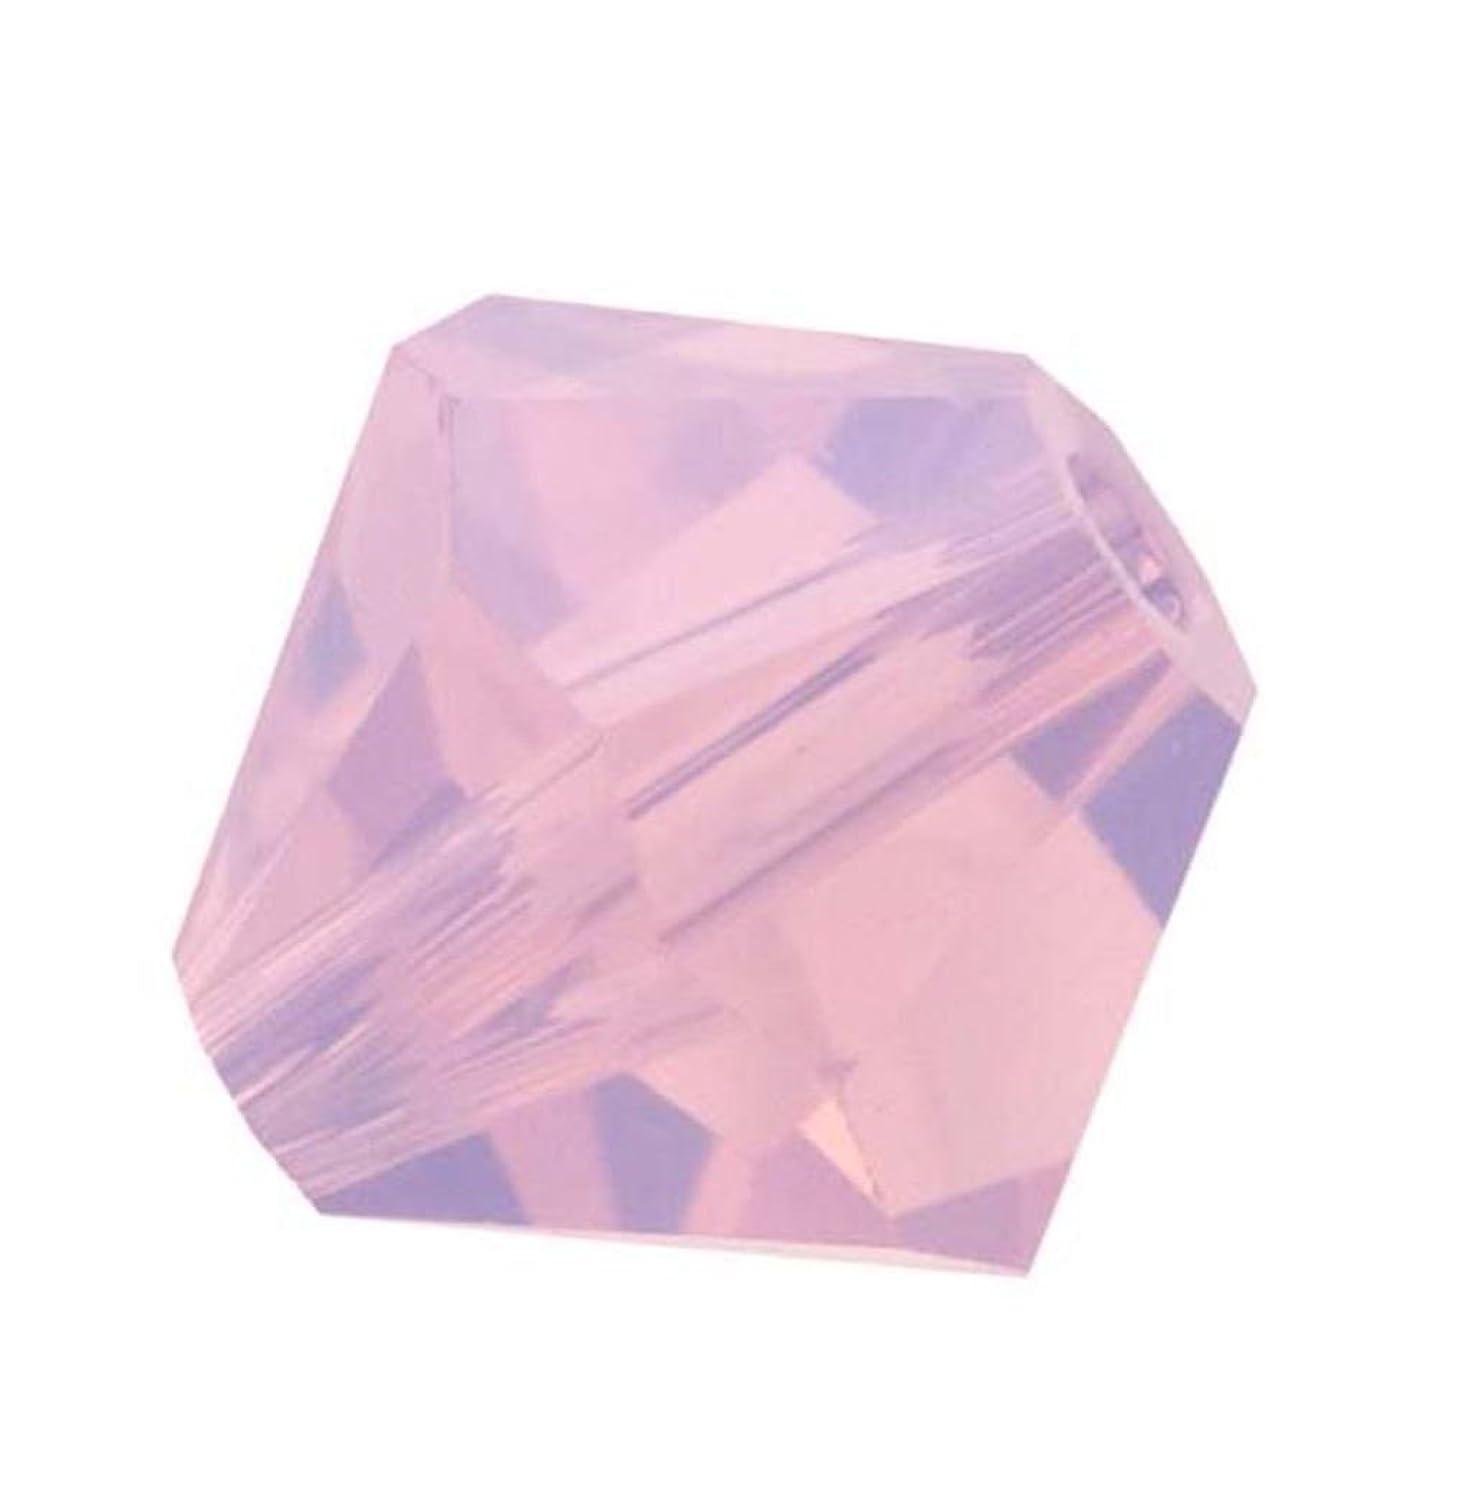 50pcs Genuine Preciosa Bicone Crystal Beads 6mm Rose Opal Alternatives For Swarovski #5301/5328 #preb649